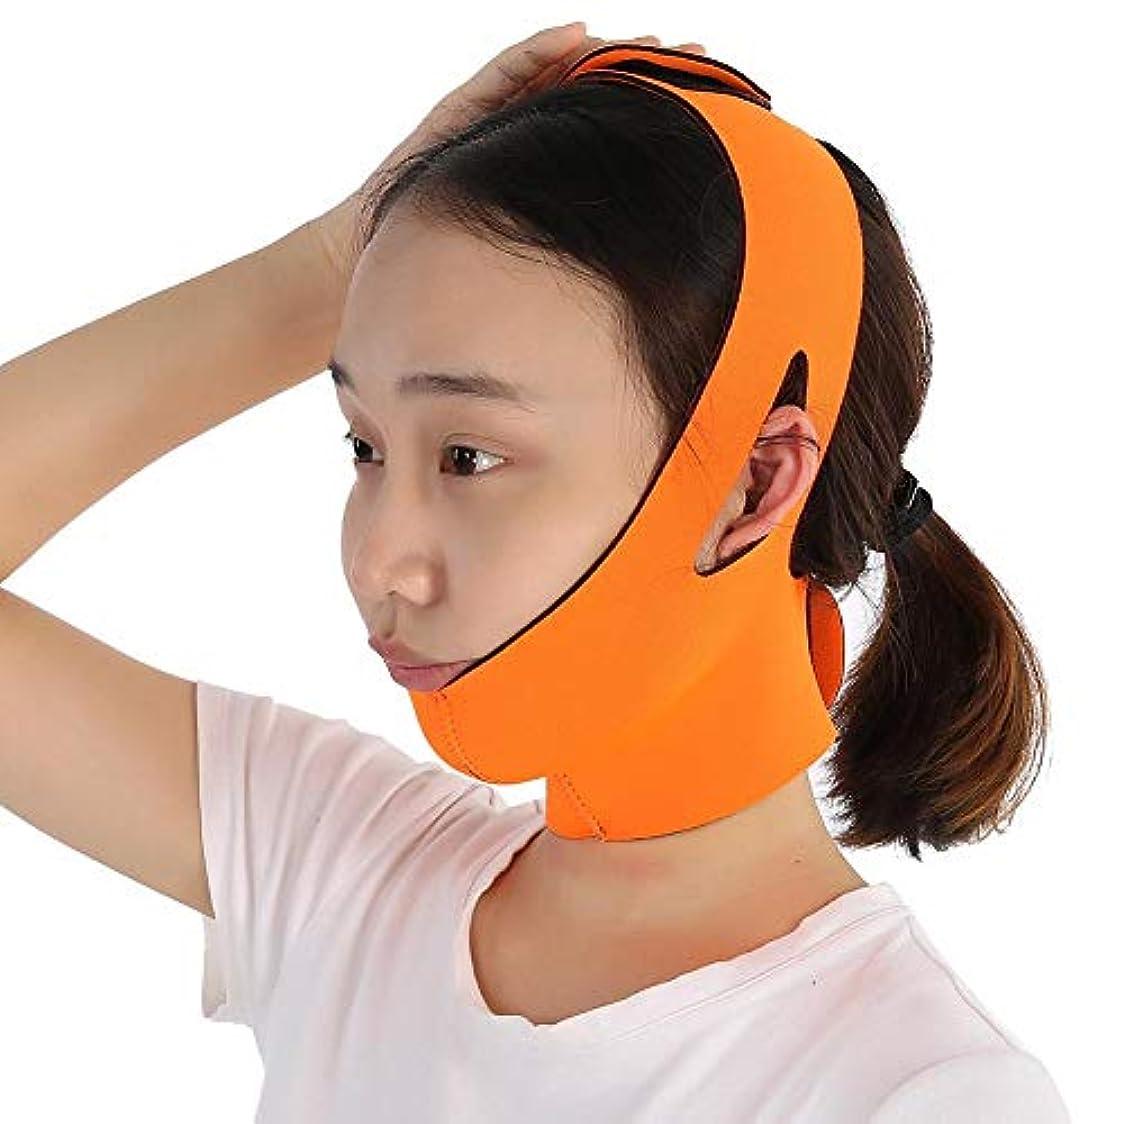 宇宙飛行士販売員終了する顔痩身包帯ベルトマスクフェイスリフトダブルチンスキンストラップ女性抗痩身ベルトフェイシャル薄いメッセンジャーフェイスリフトツール,Orange